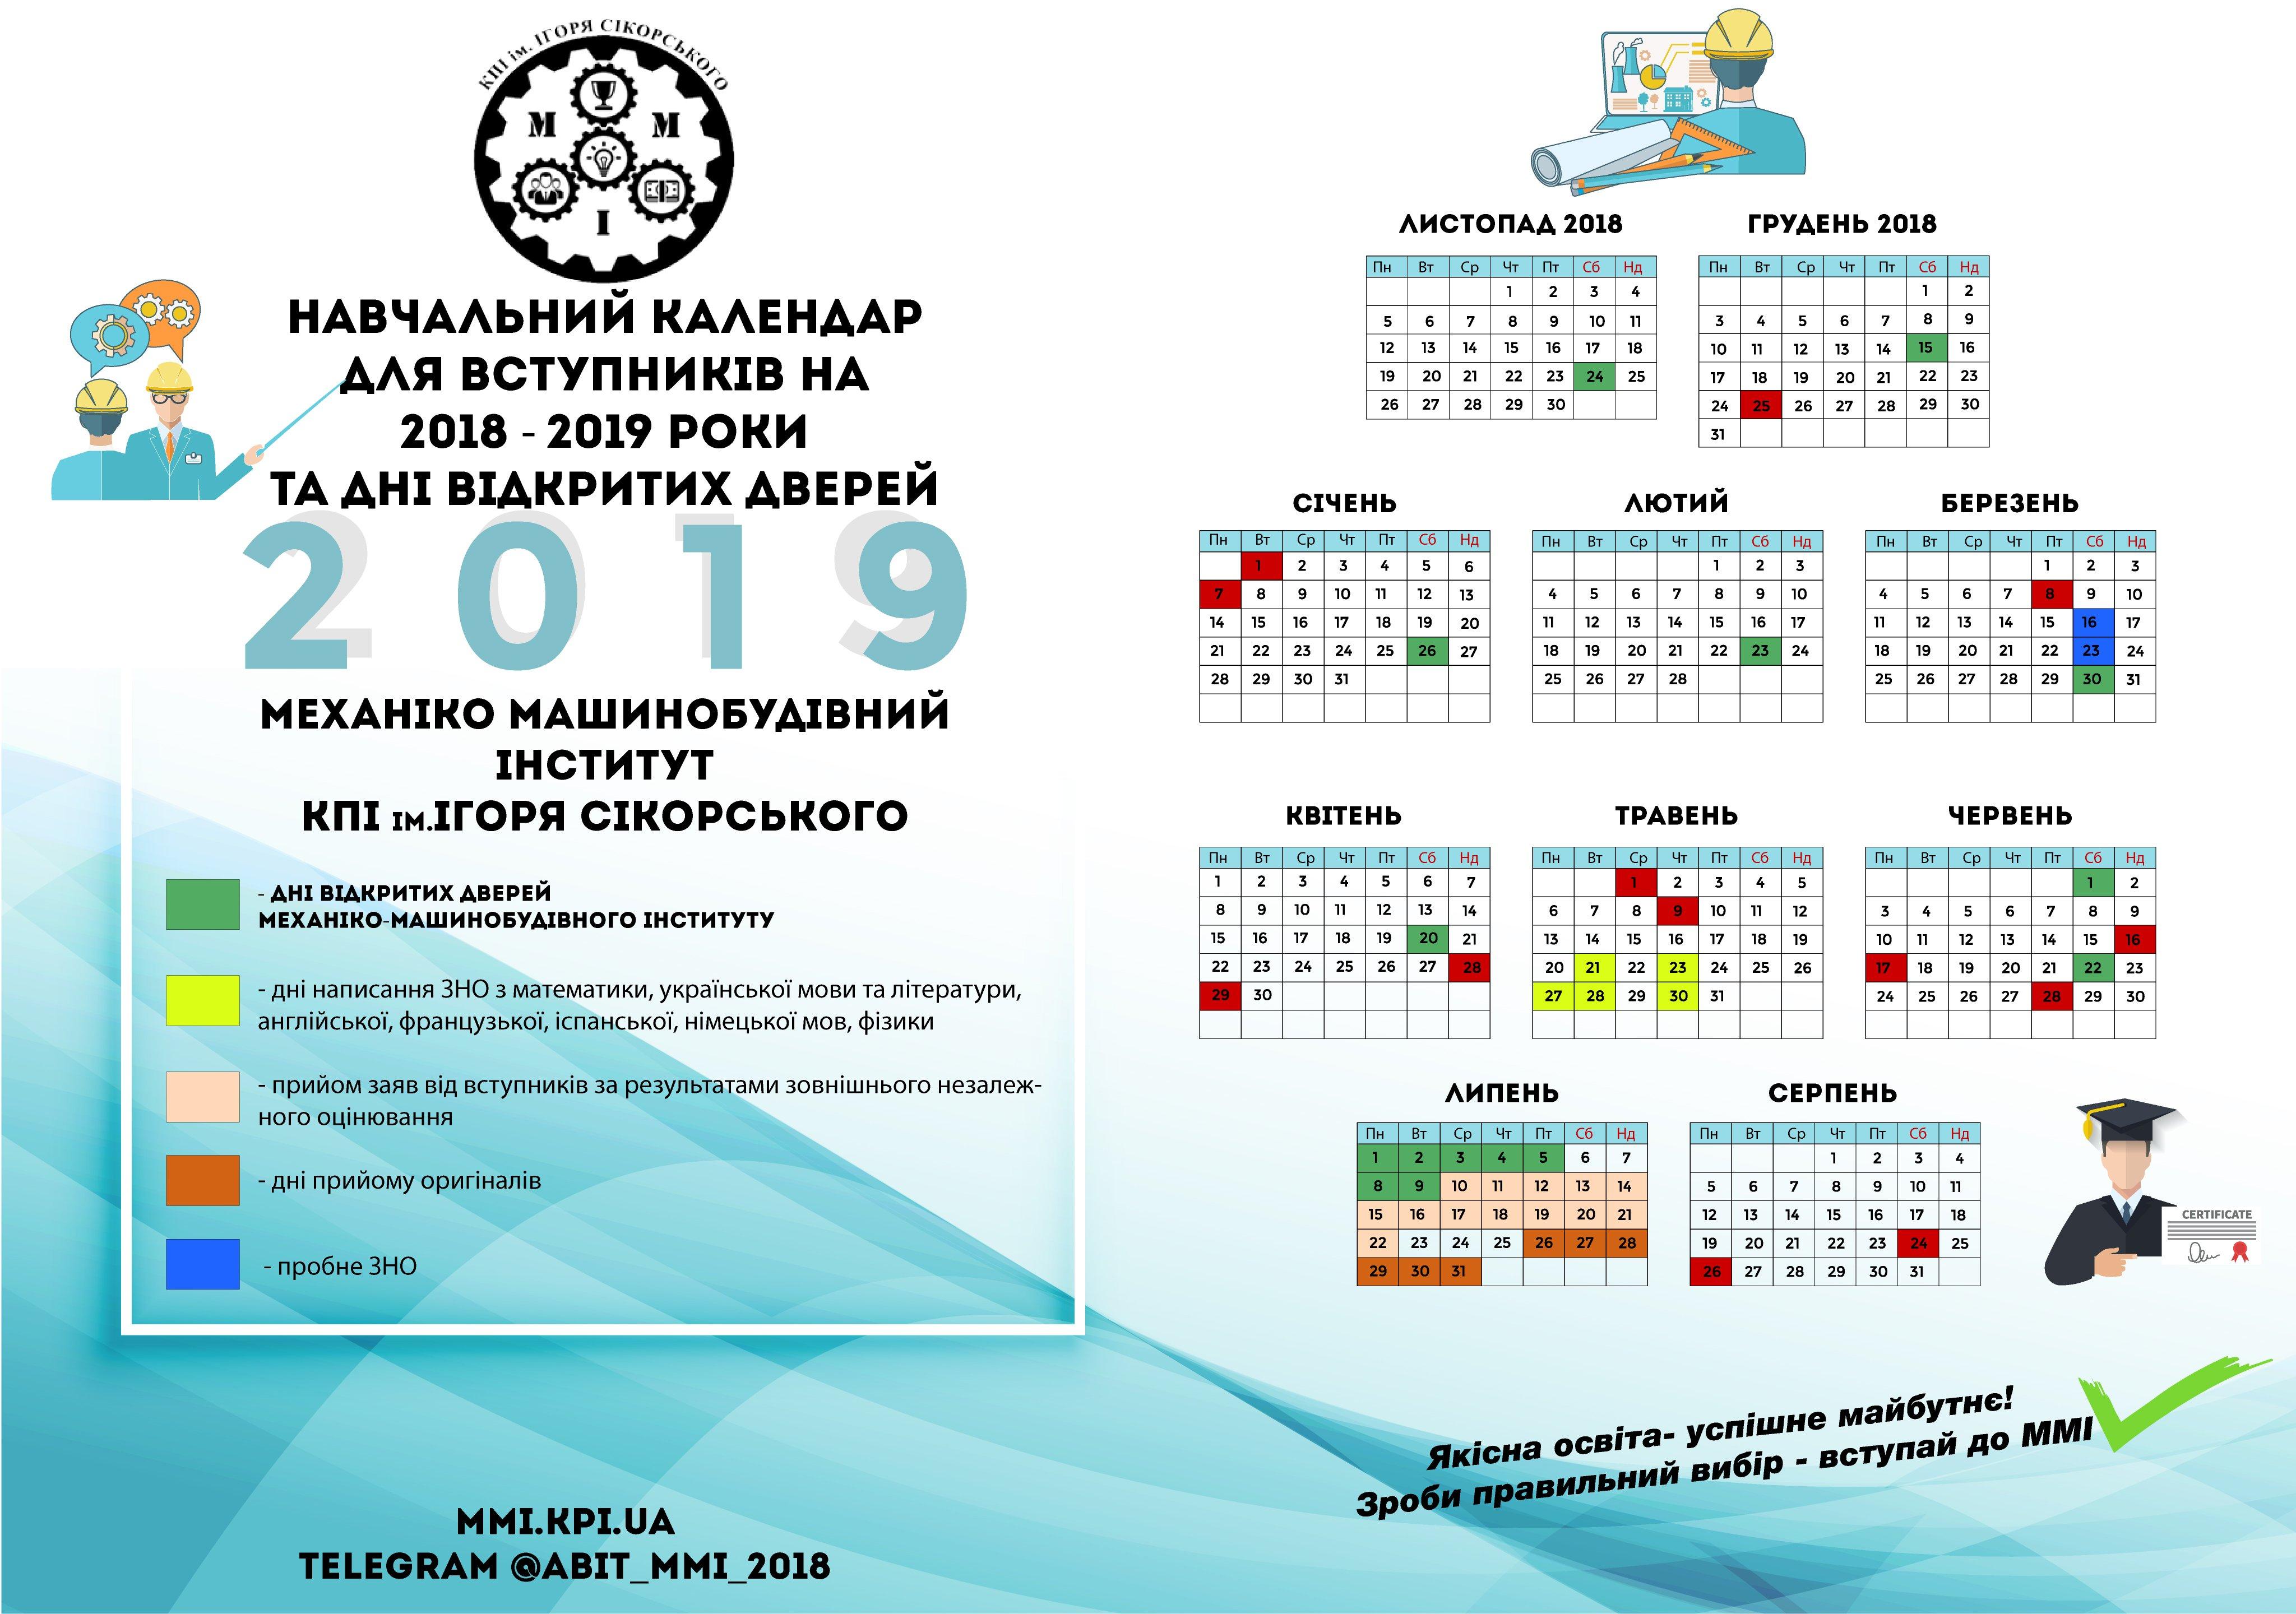 Навчальний Календар 2018-2019 Н.р. Для Вступників До Ммі Та Дні Washu Calendar 2019